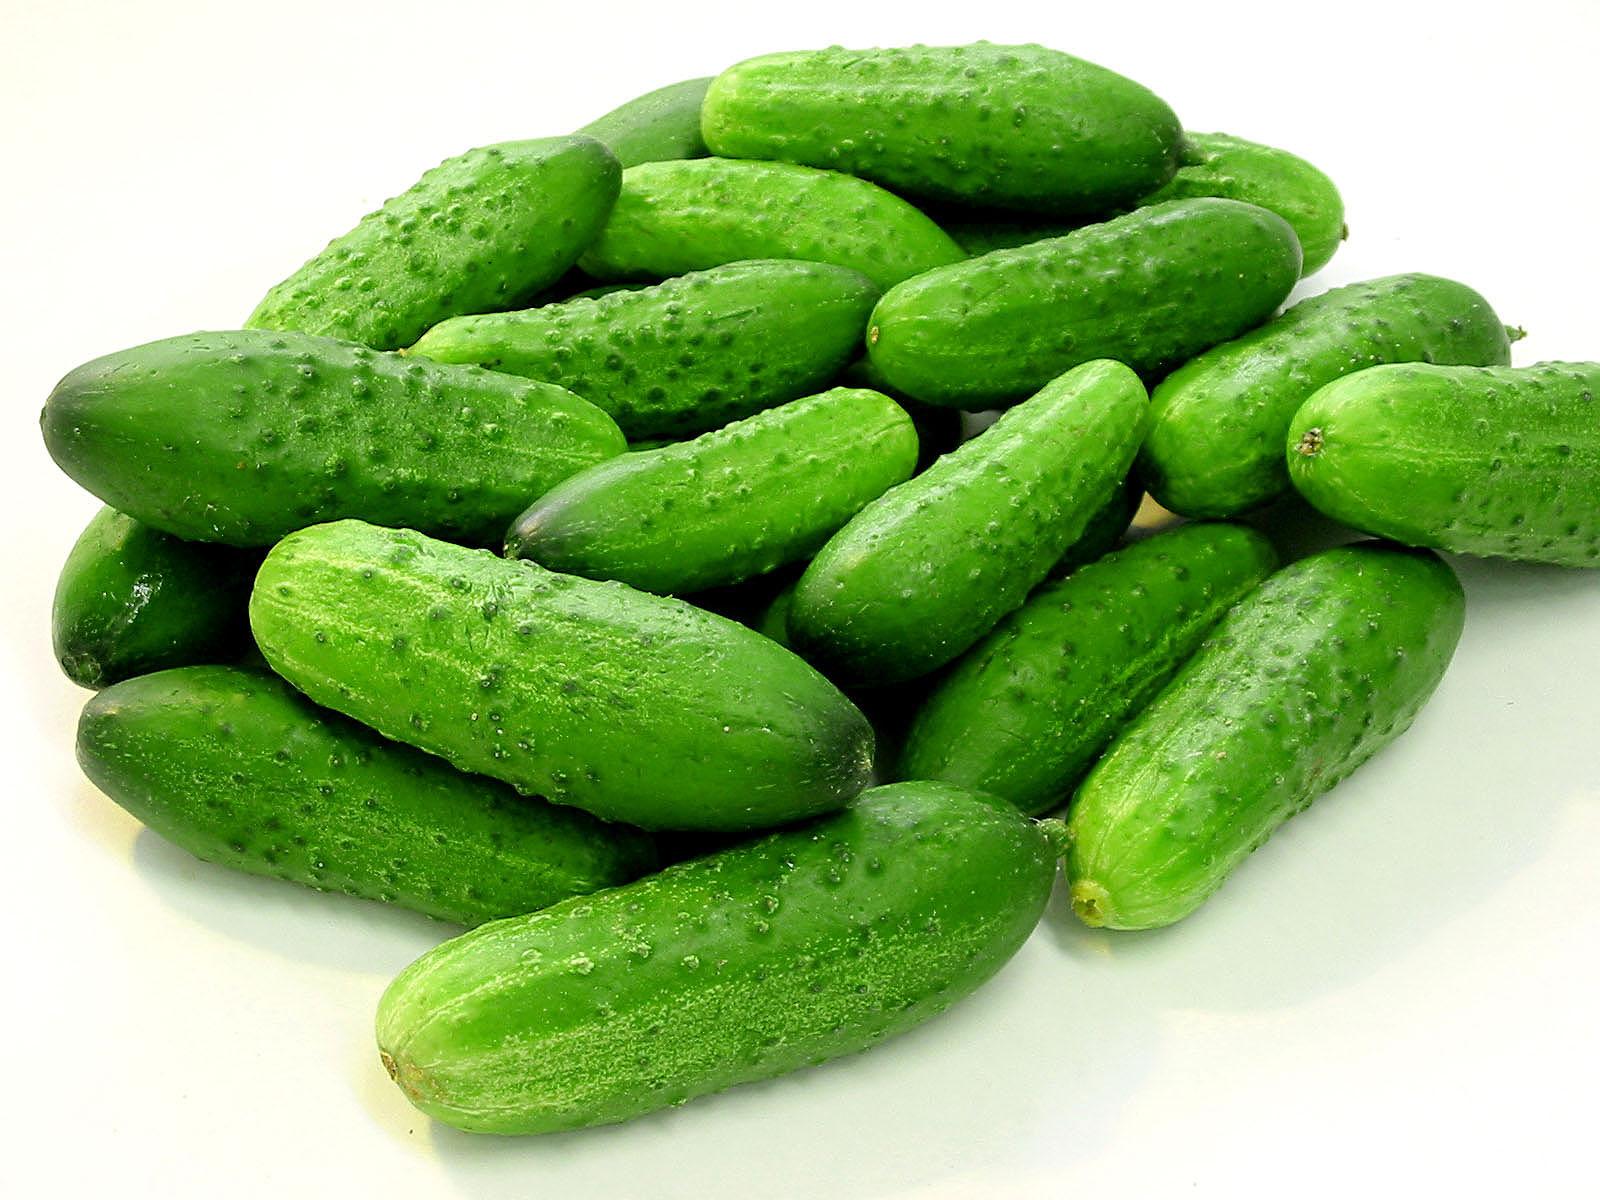 Сегодня люди привыкли сушить фрукты, ягоды и зелень, но они даже и предположить не могут, что сушёные овощи не менее полезны